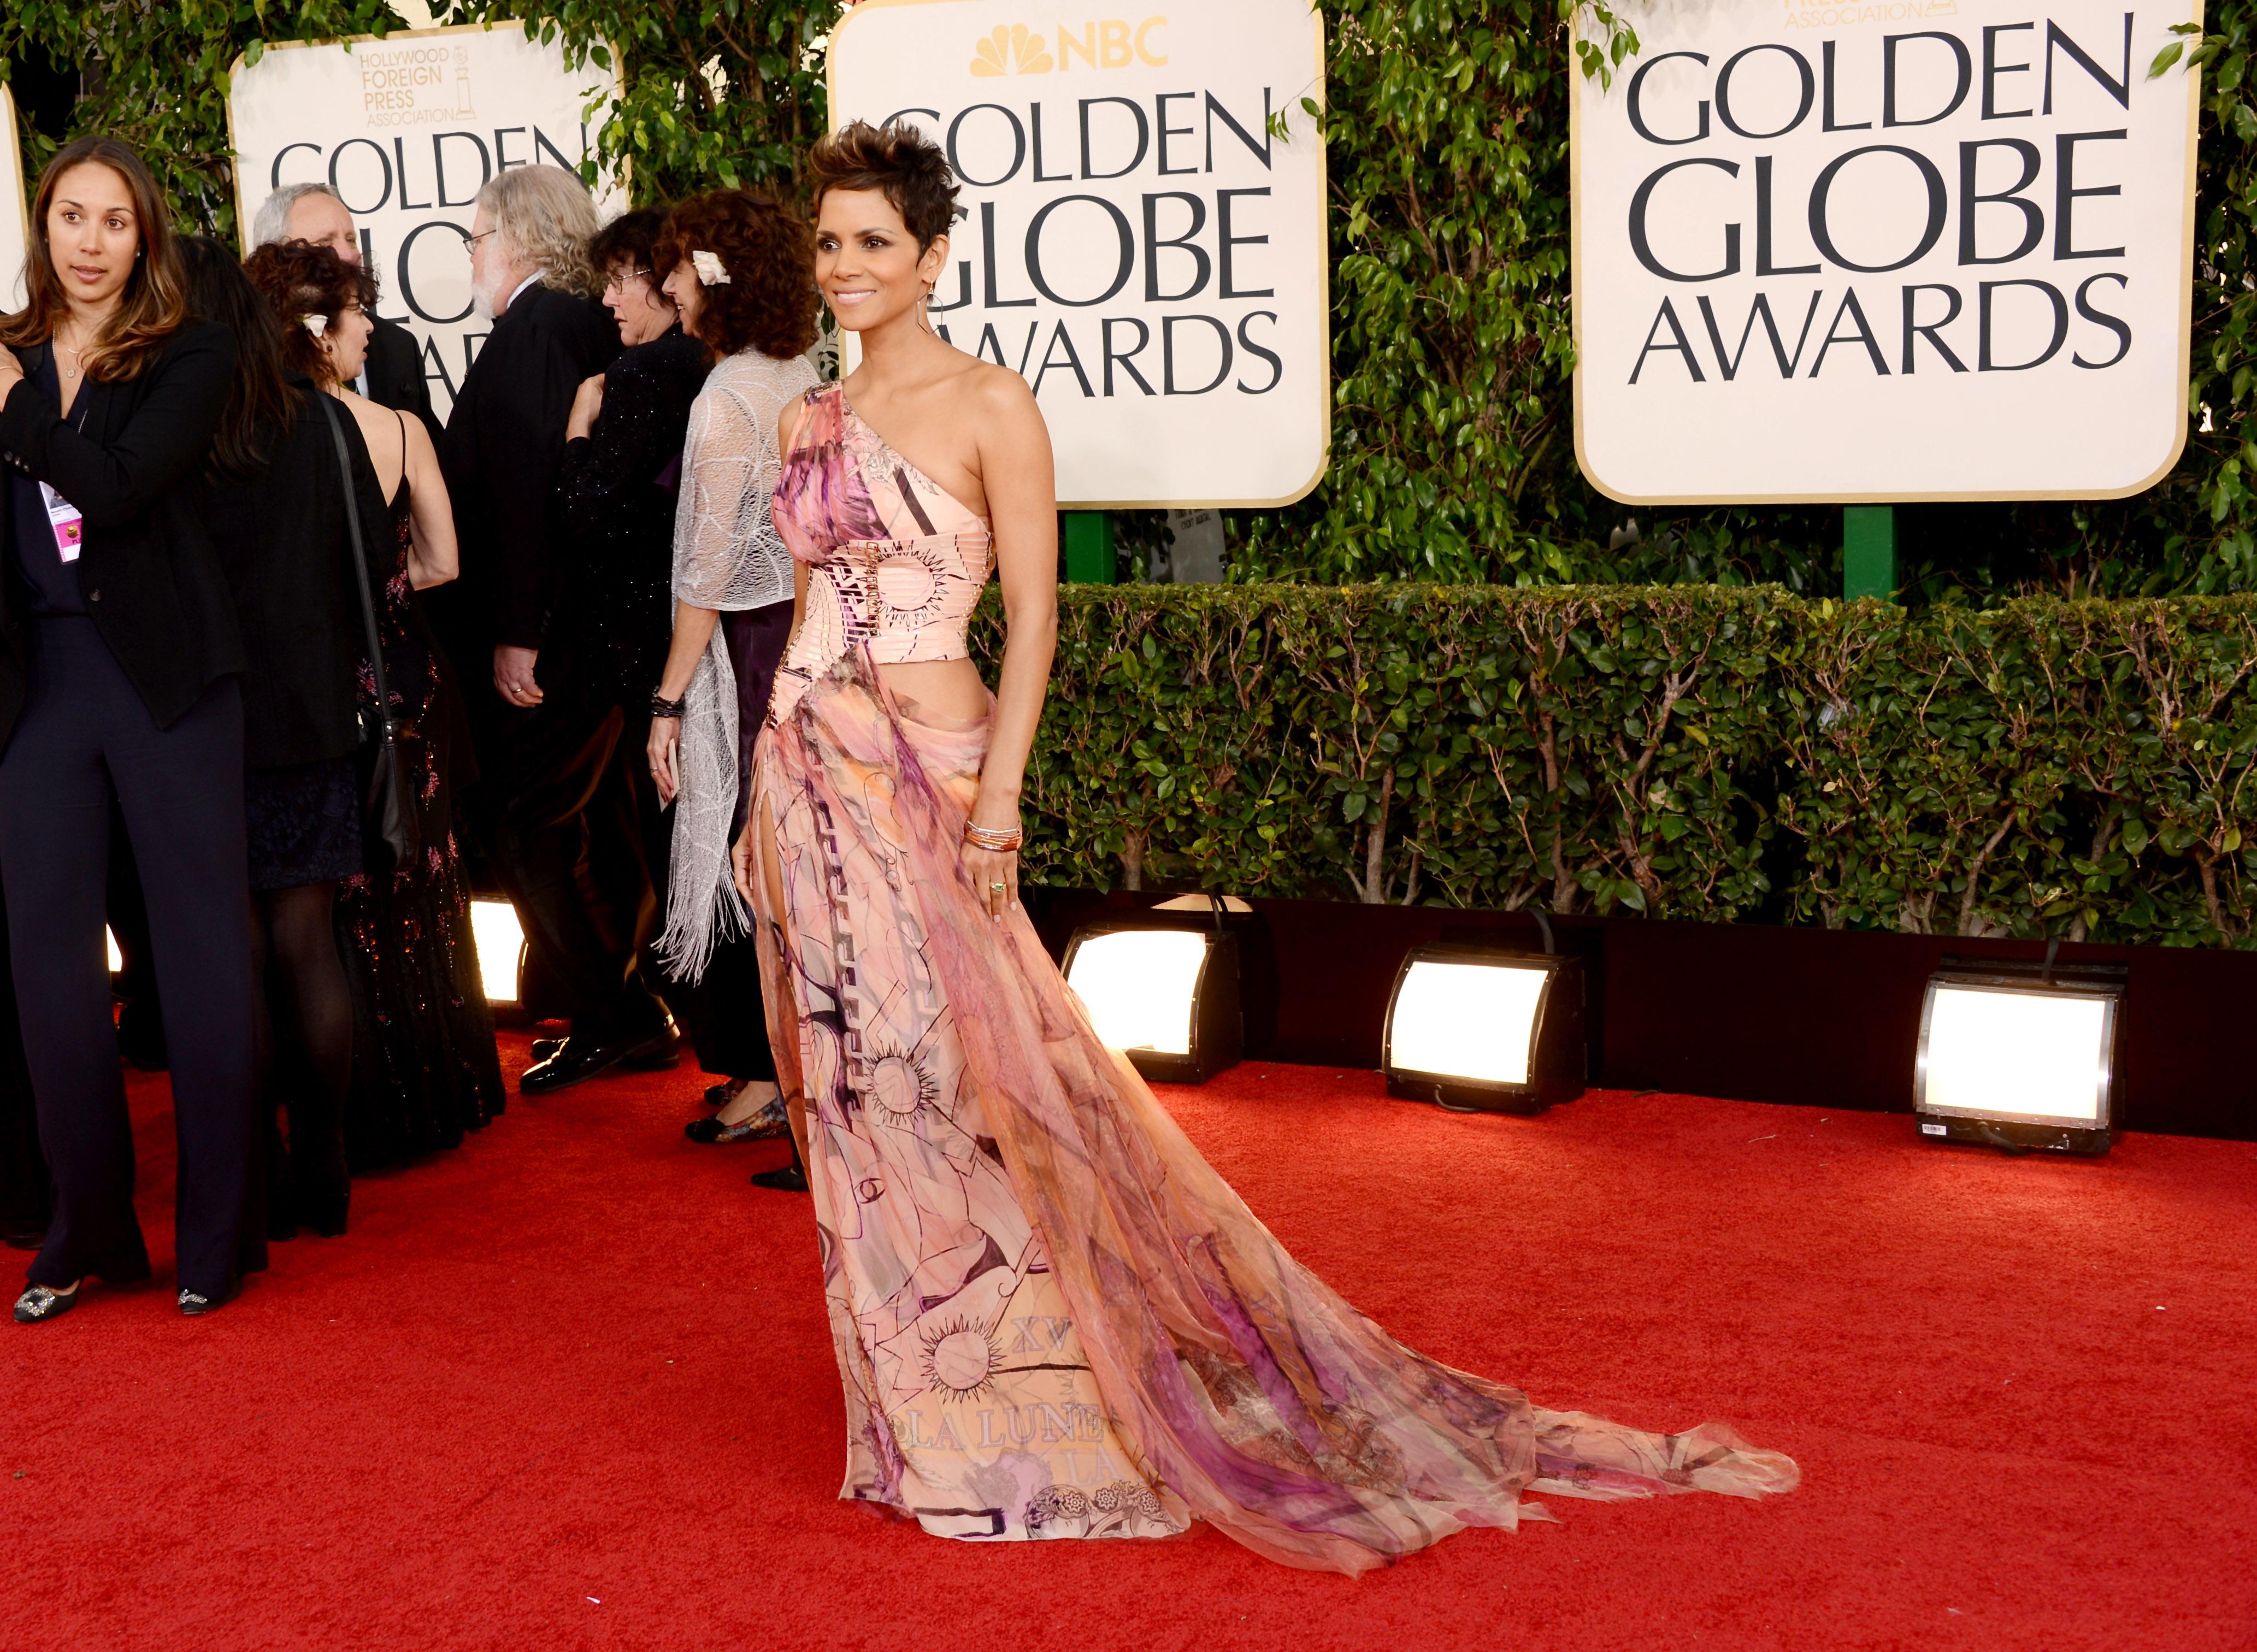 Как не се прави? Лошите рокли и стил от близкото минало на Golden Globe?